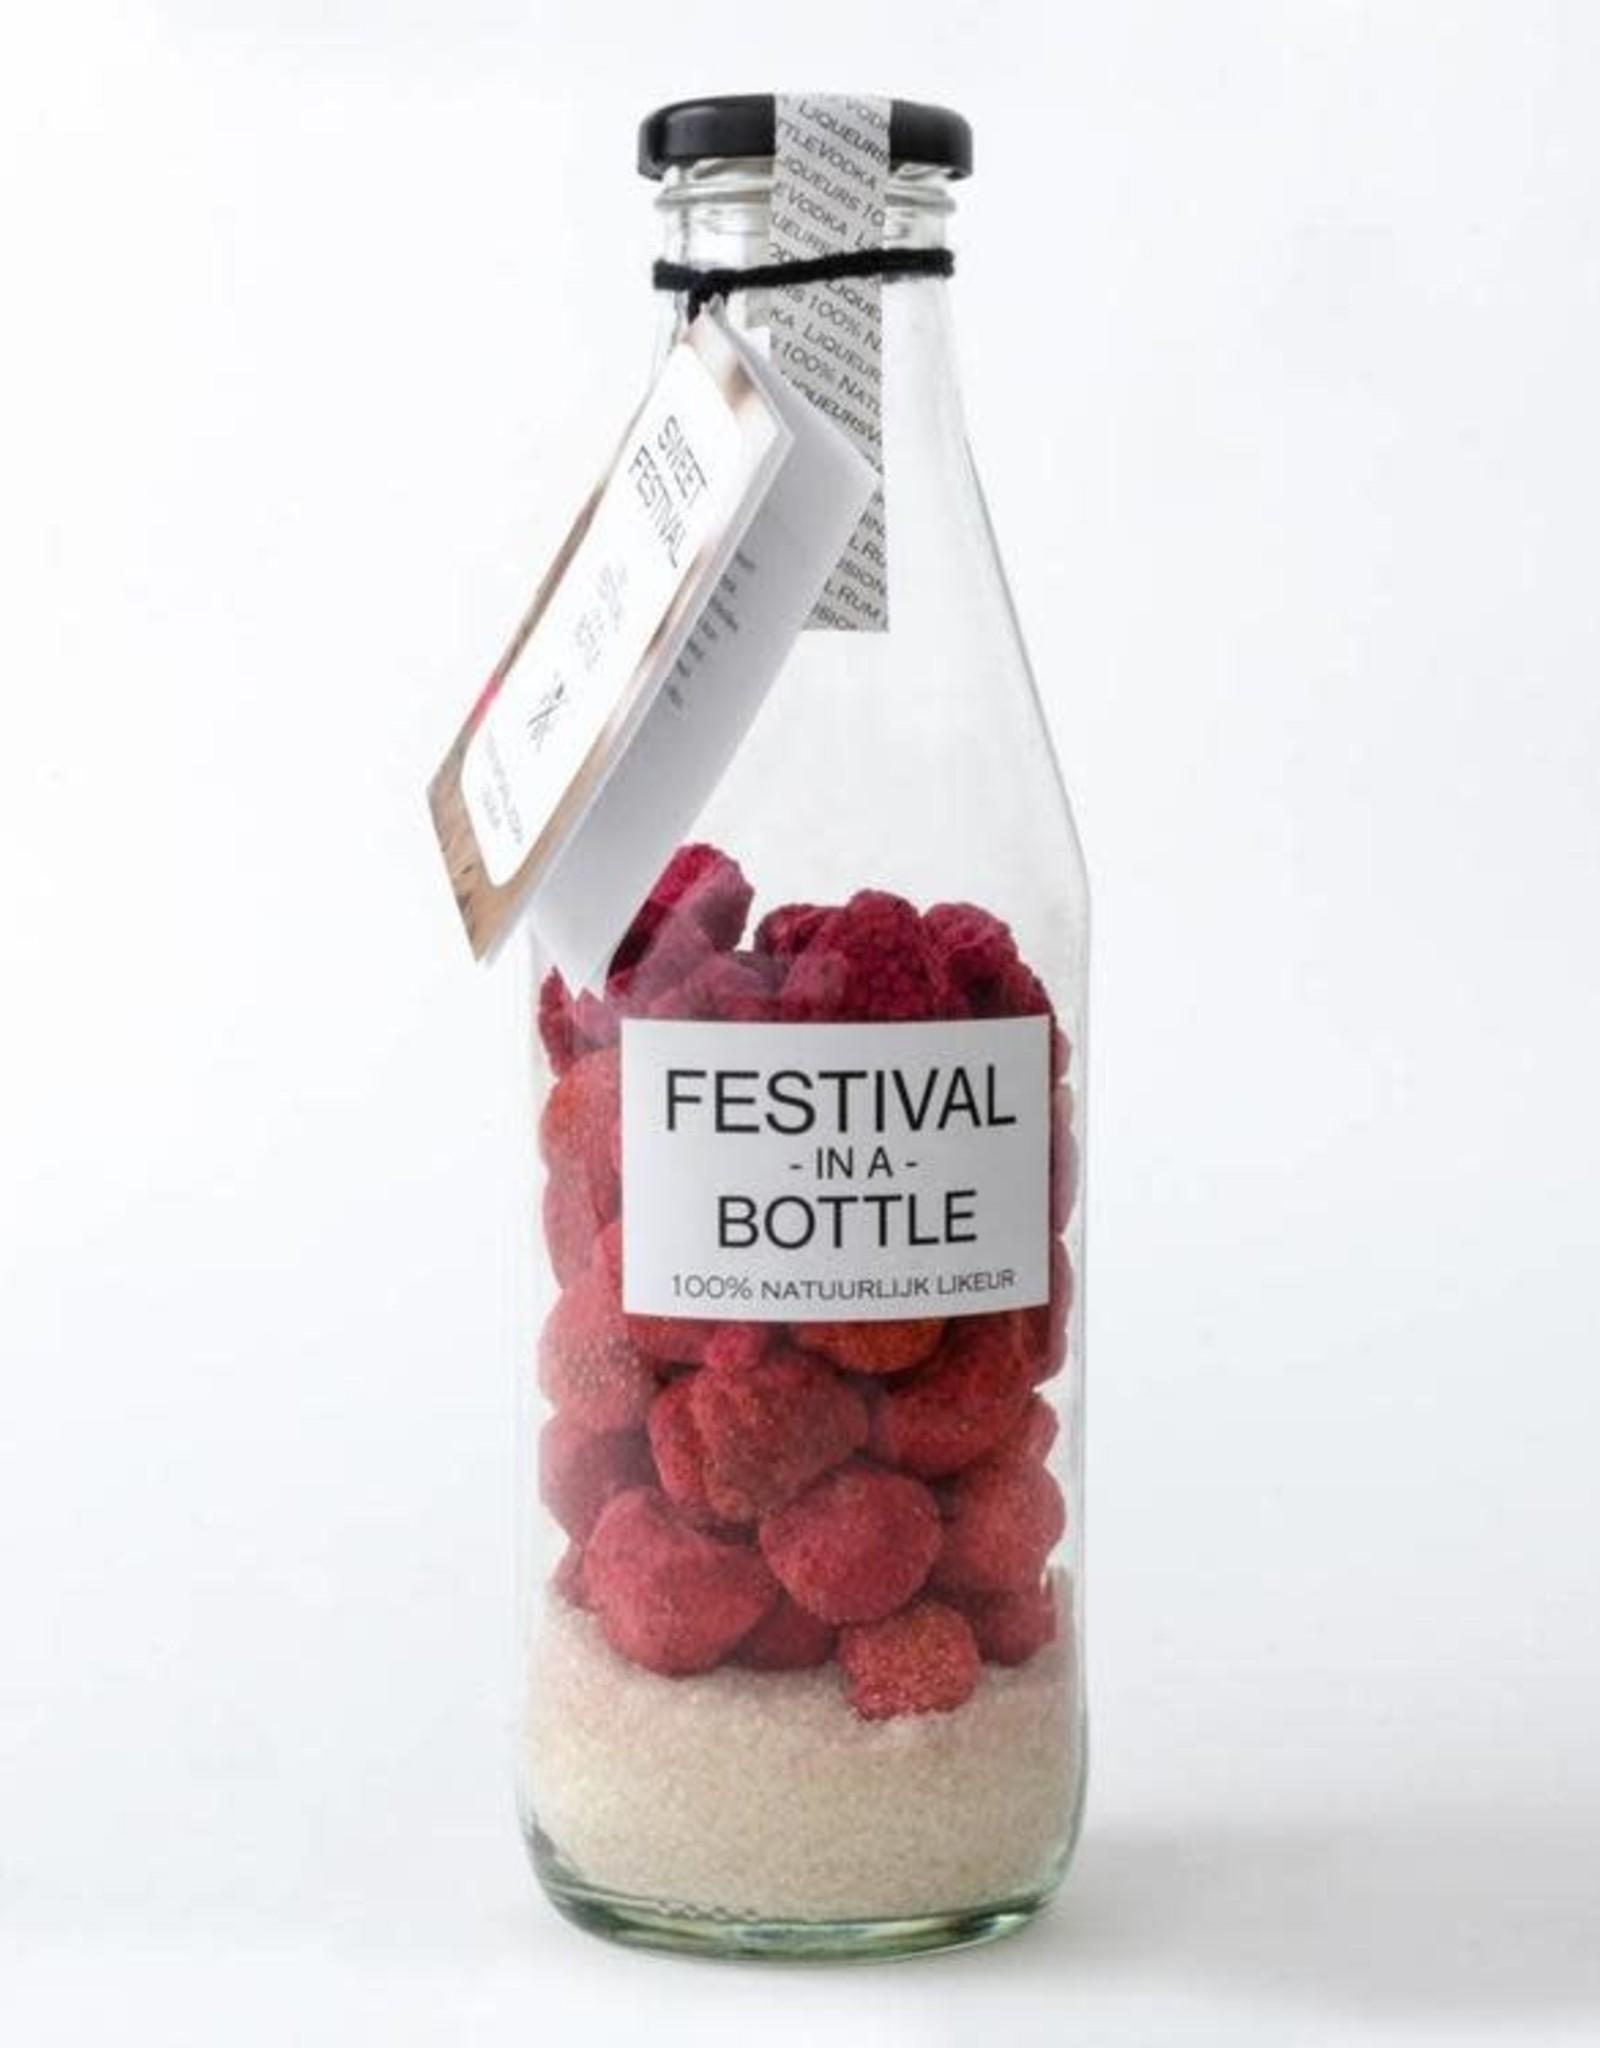 Festival in a bottle festival in a bottle sweet festival